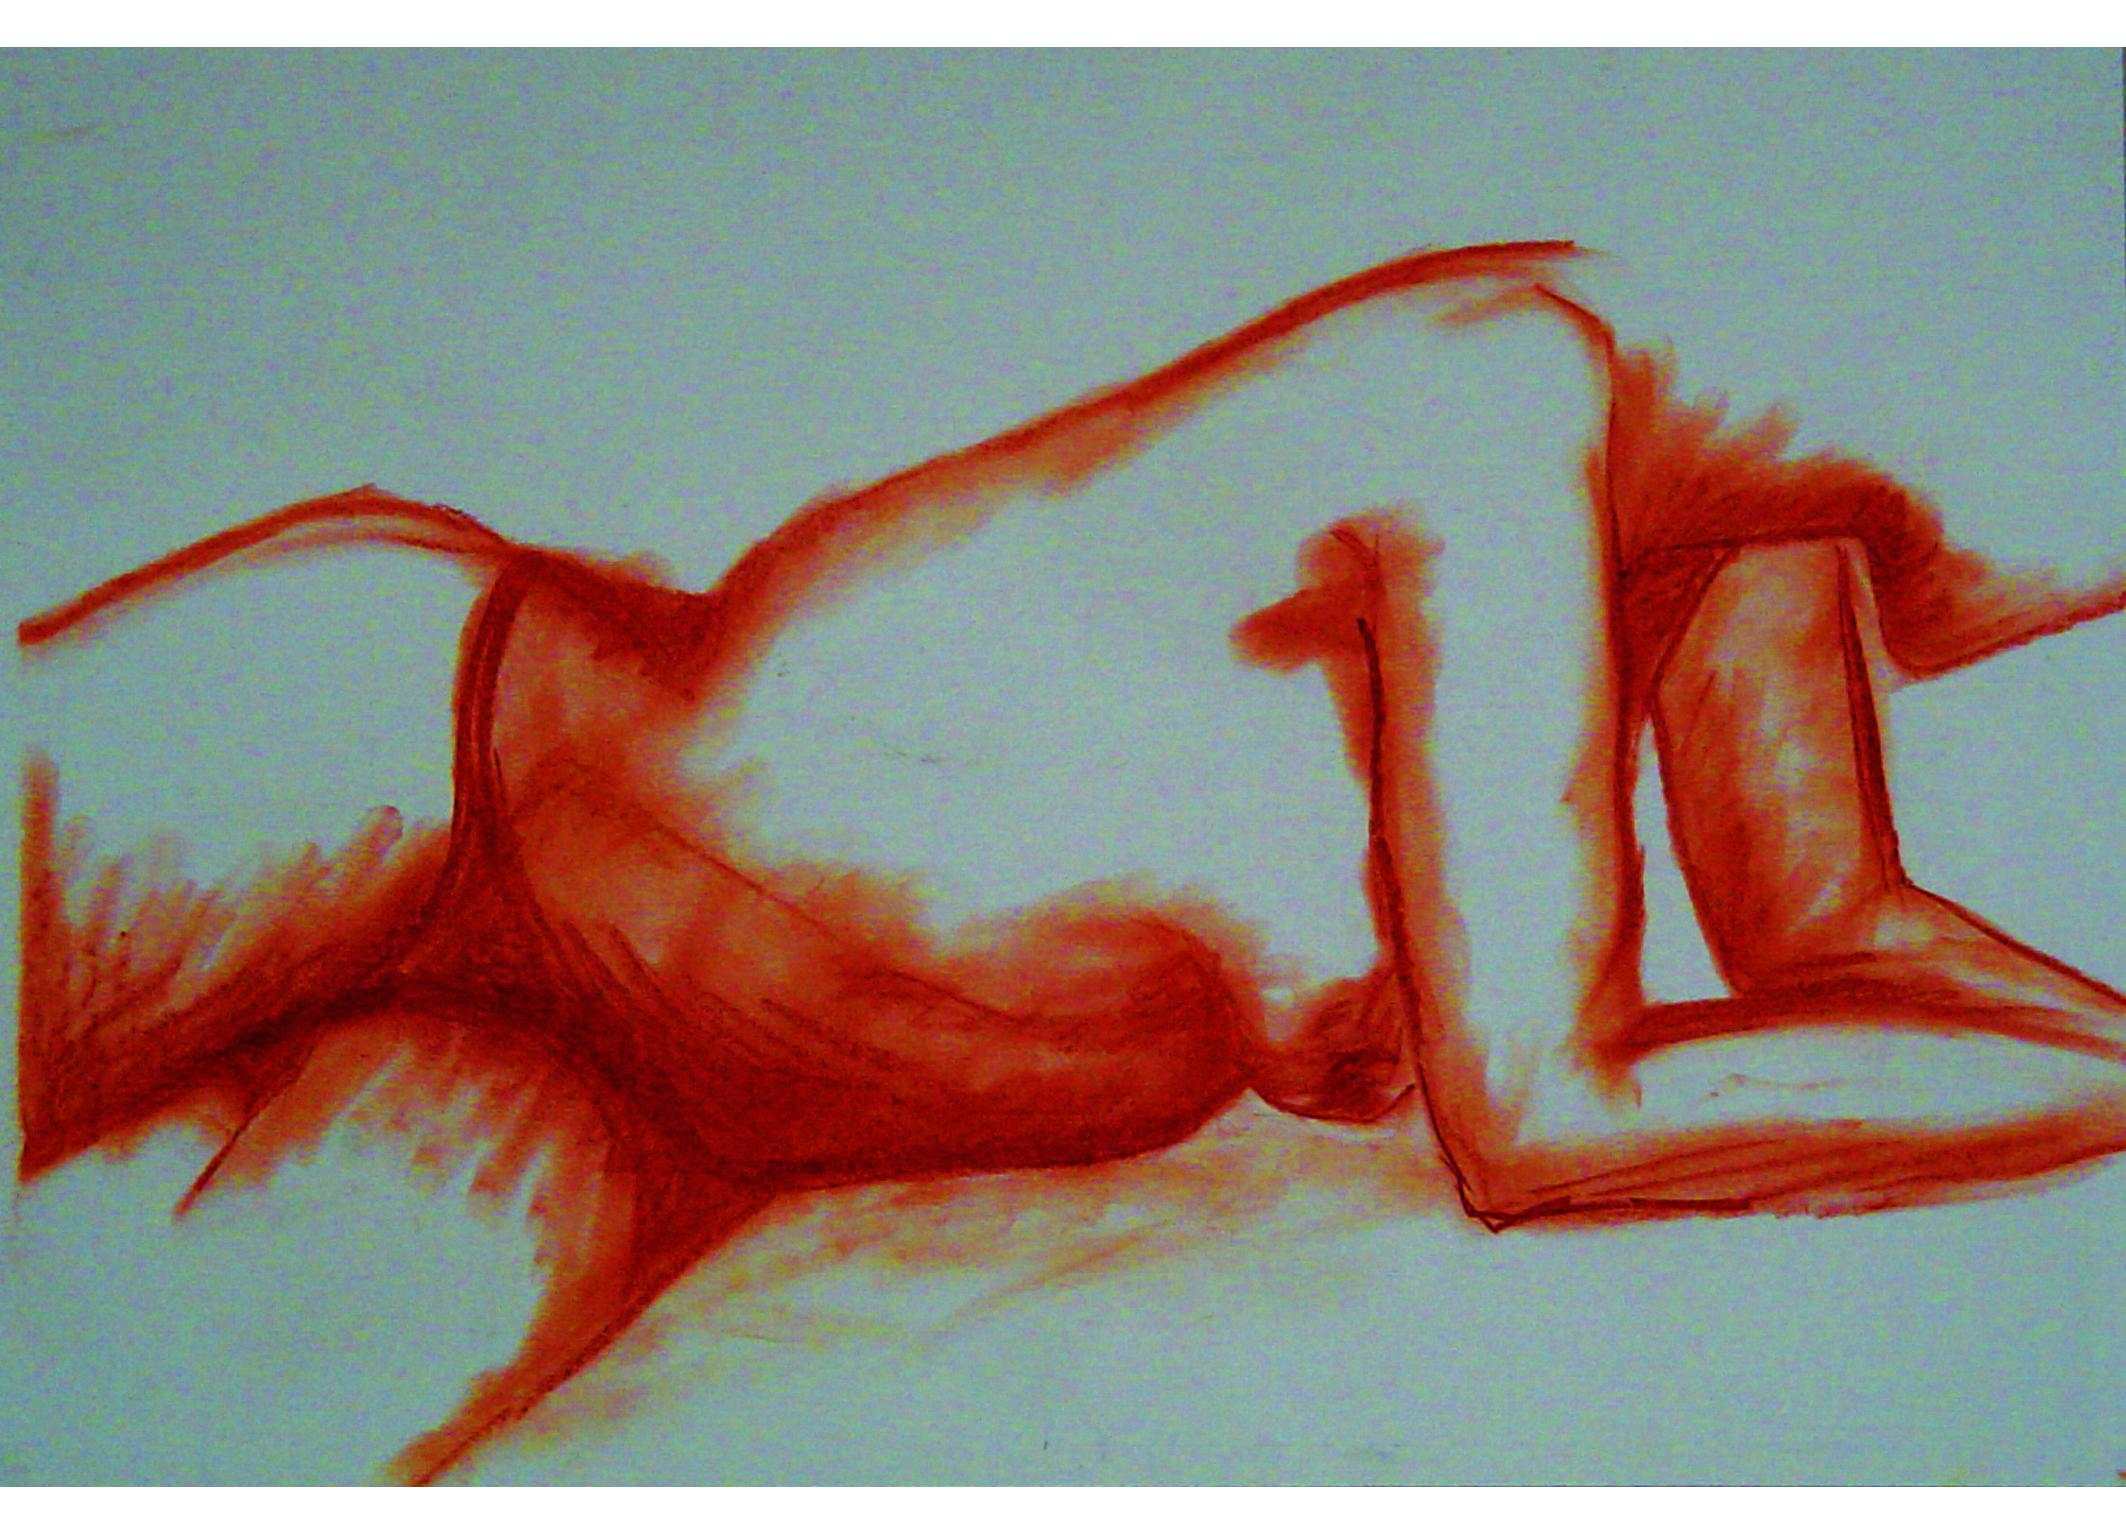 Frau III, 2004